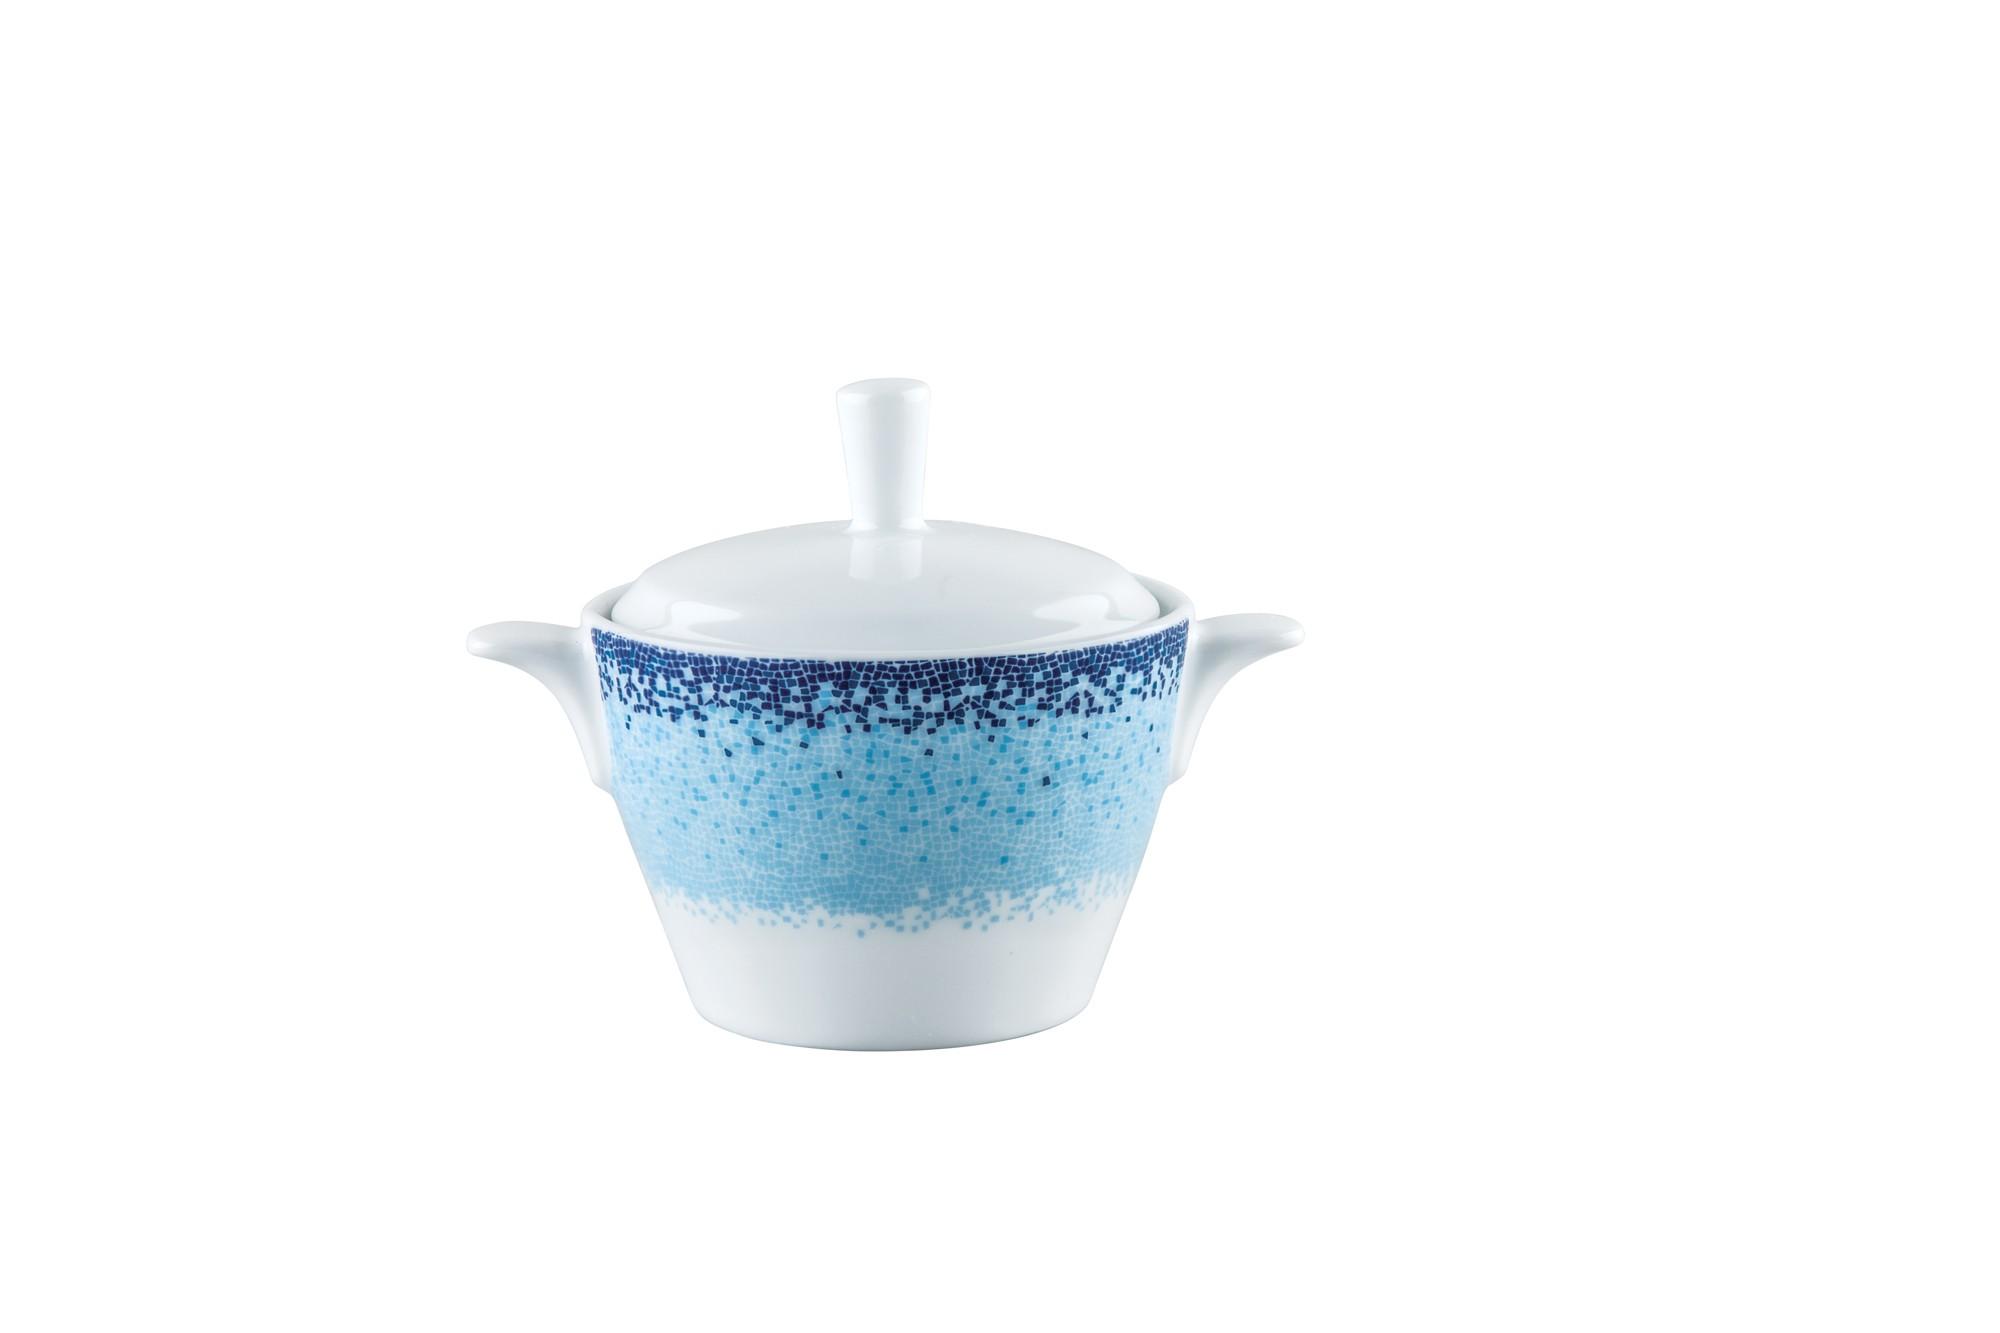 Ζαχαριέρα Πορσελάνης Apeiron Blue Ionia home   ειδη cafe τσαϊ   γαλατιέρες   ζαχαριέρες